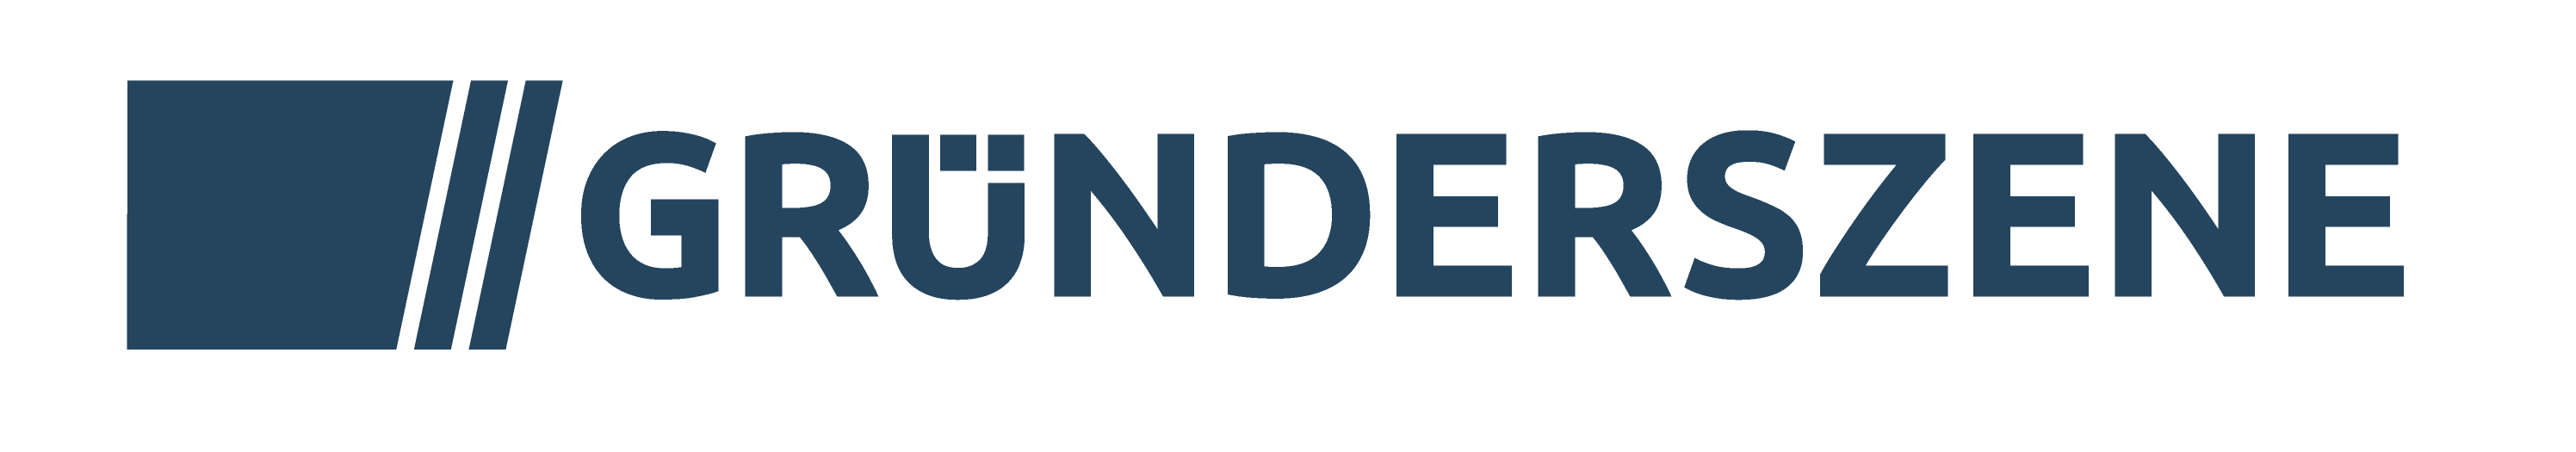 Gruendeszene logo